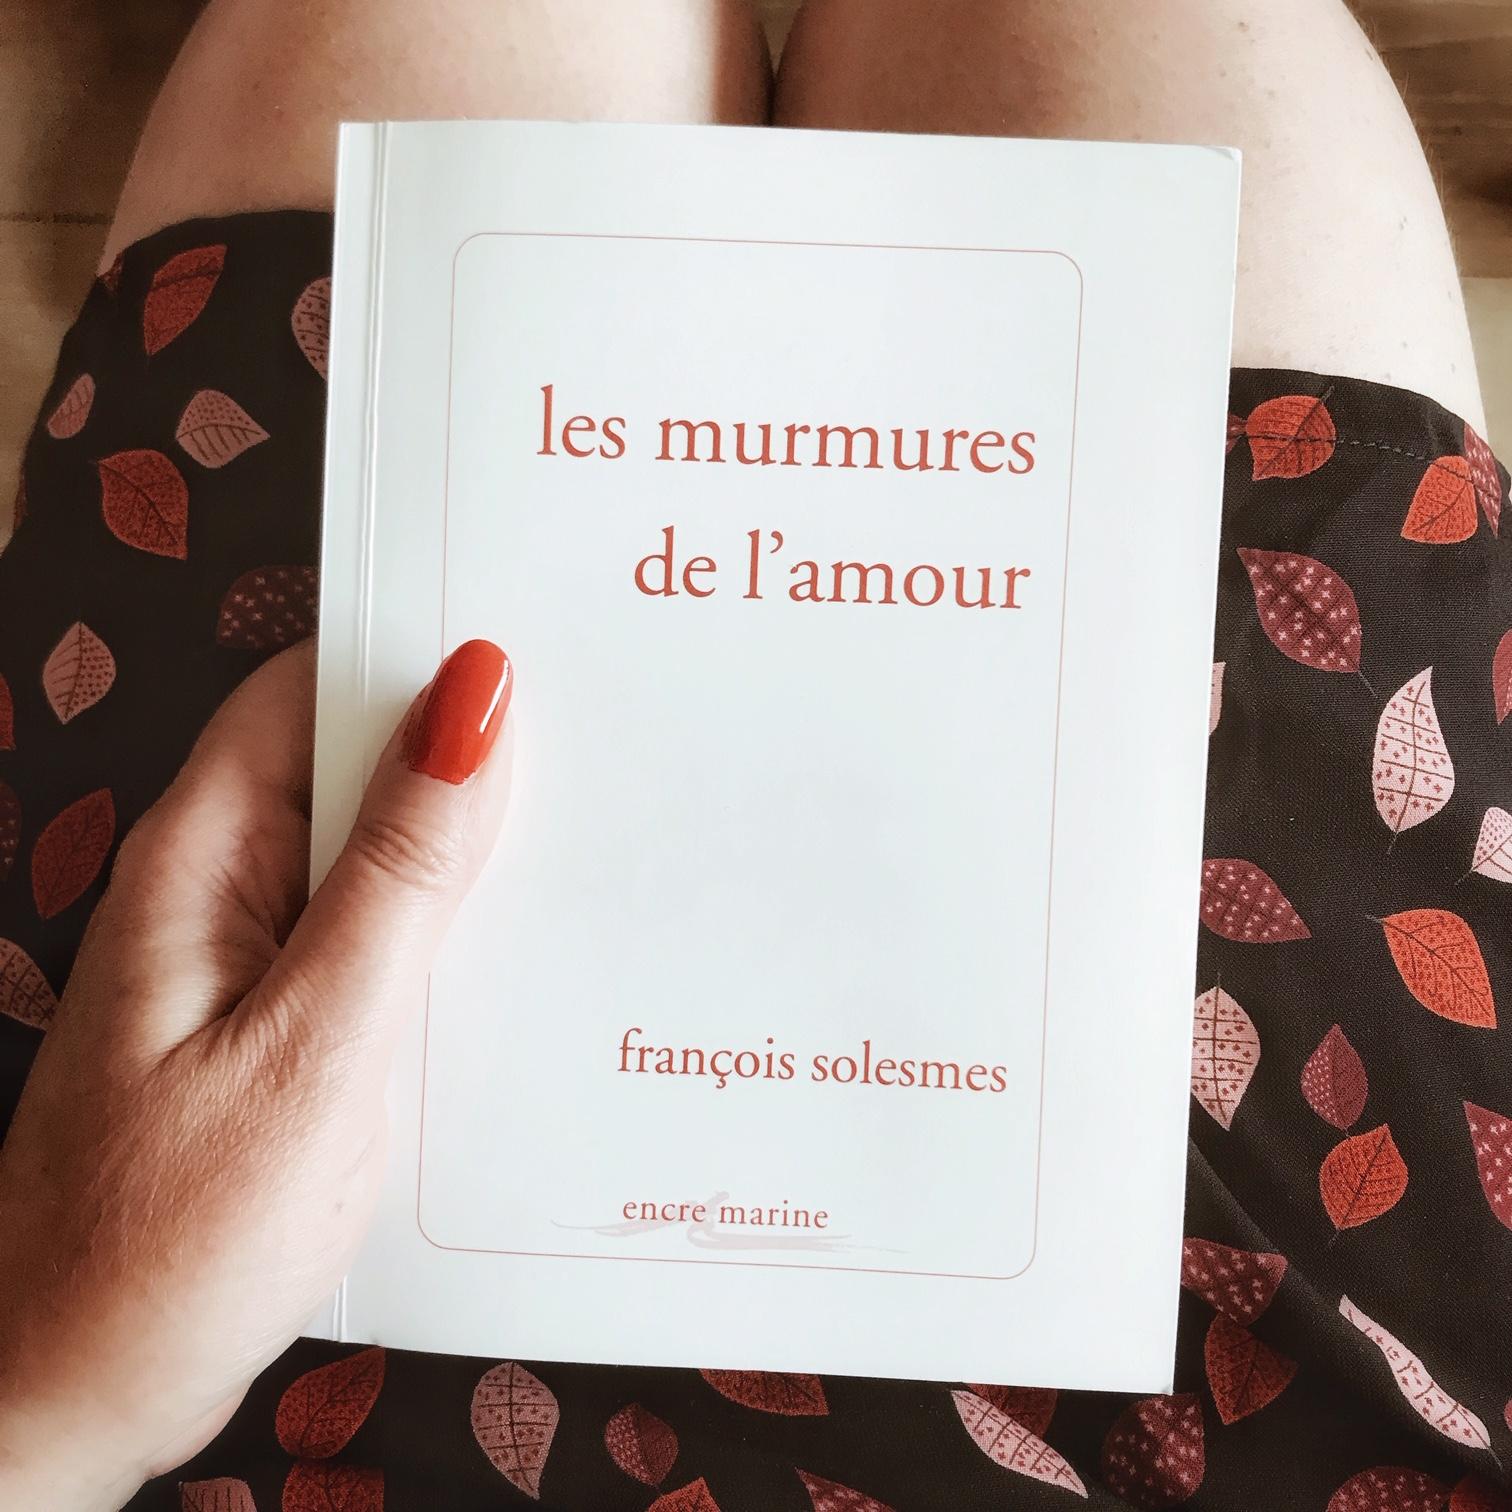 Les murmures de l'amour, de François Solesmes : la religion d'aimer